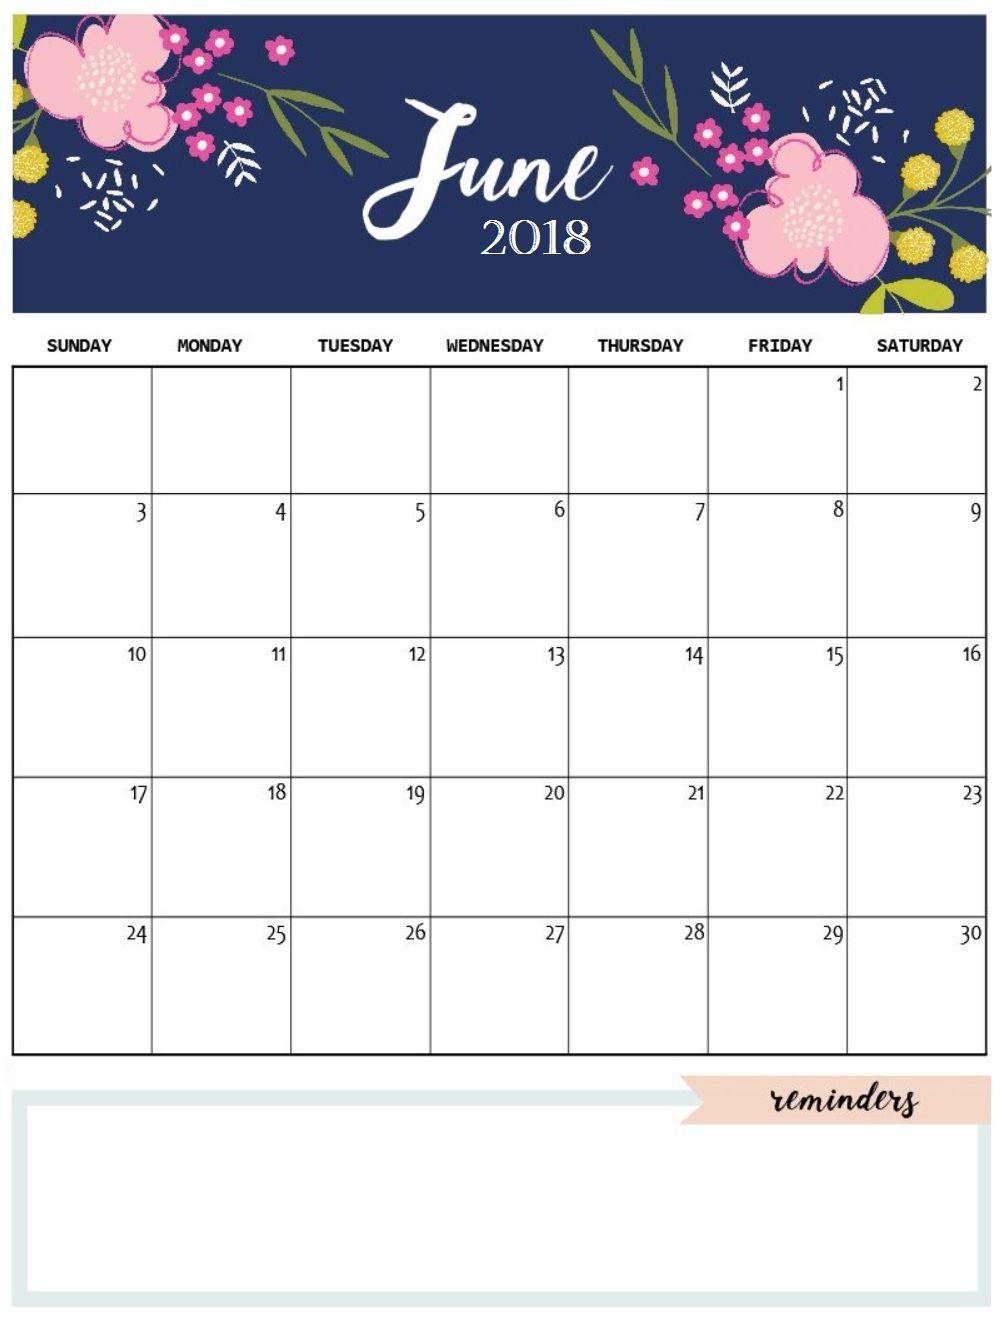 june 2018 cute calendar maxcalendars pinterest calendar 2018